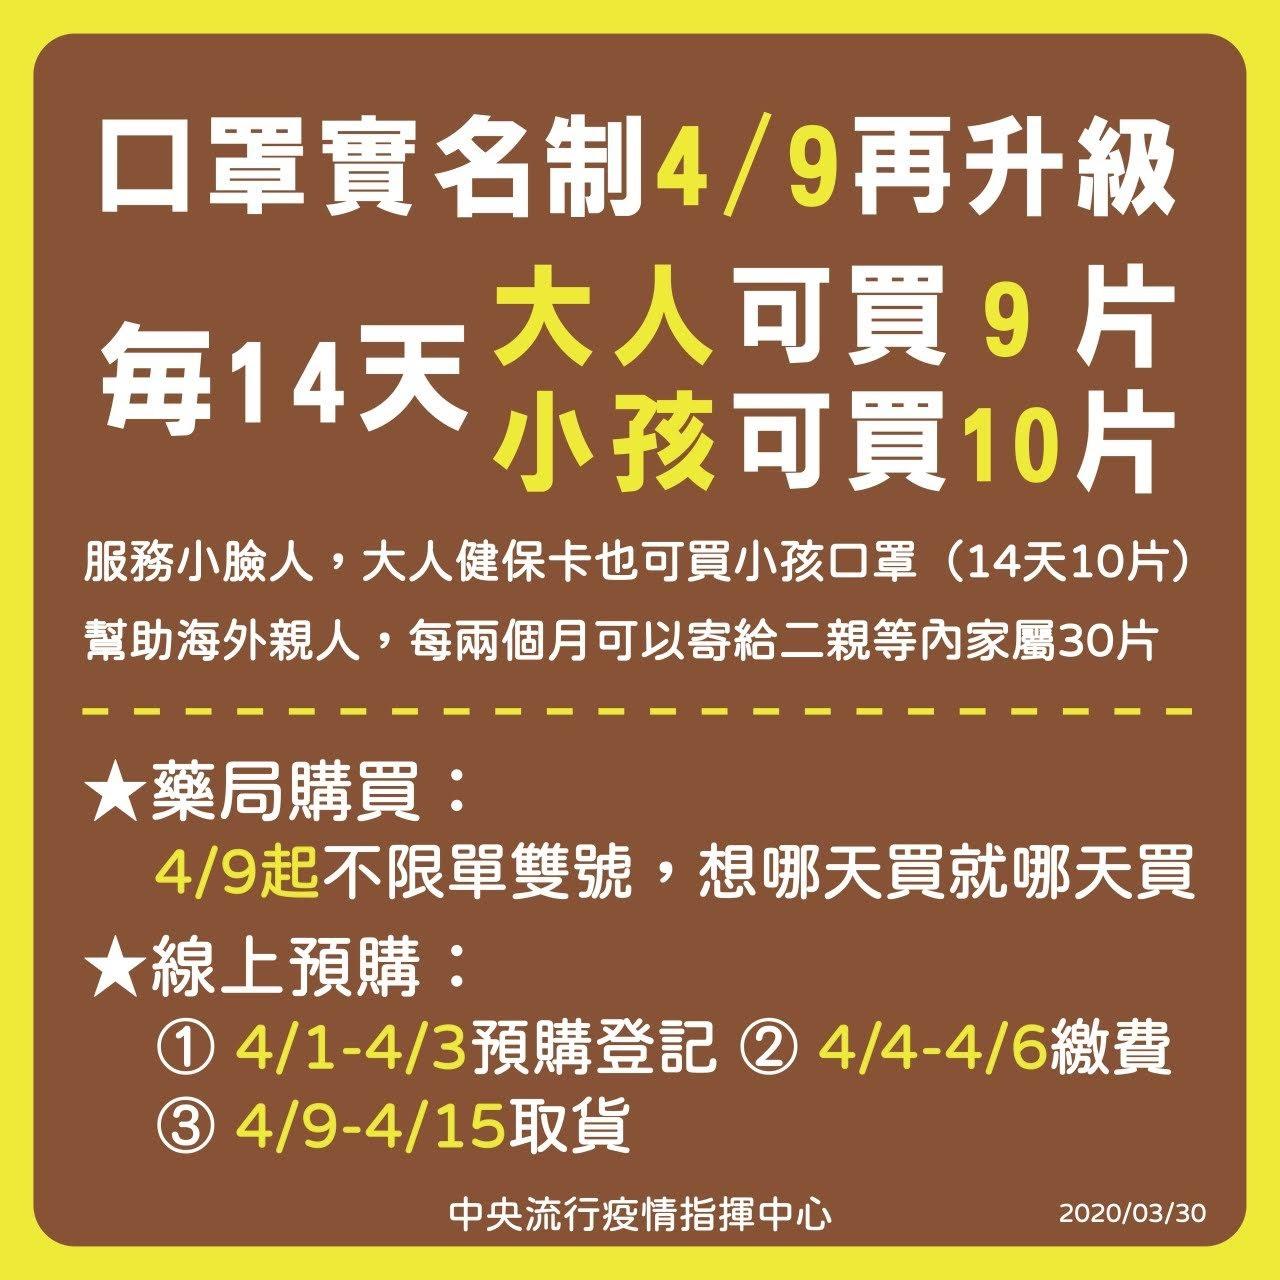 口罩實名制購買4/9升級(每14天9片)